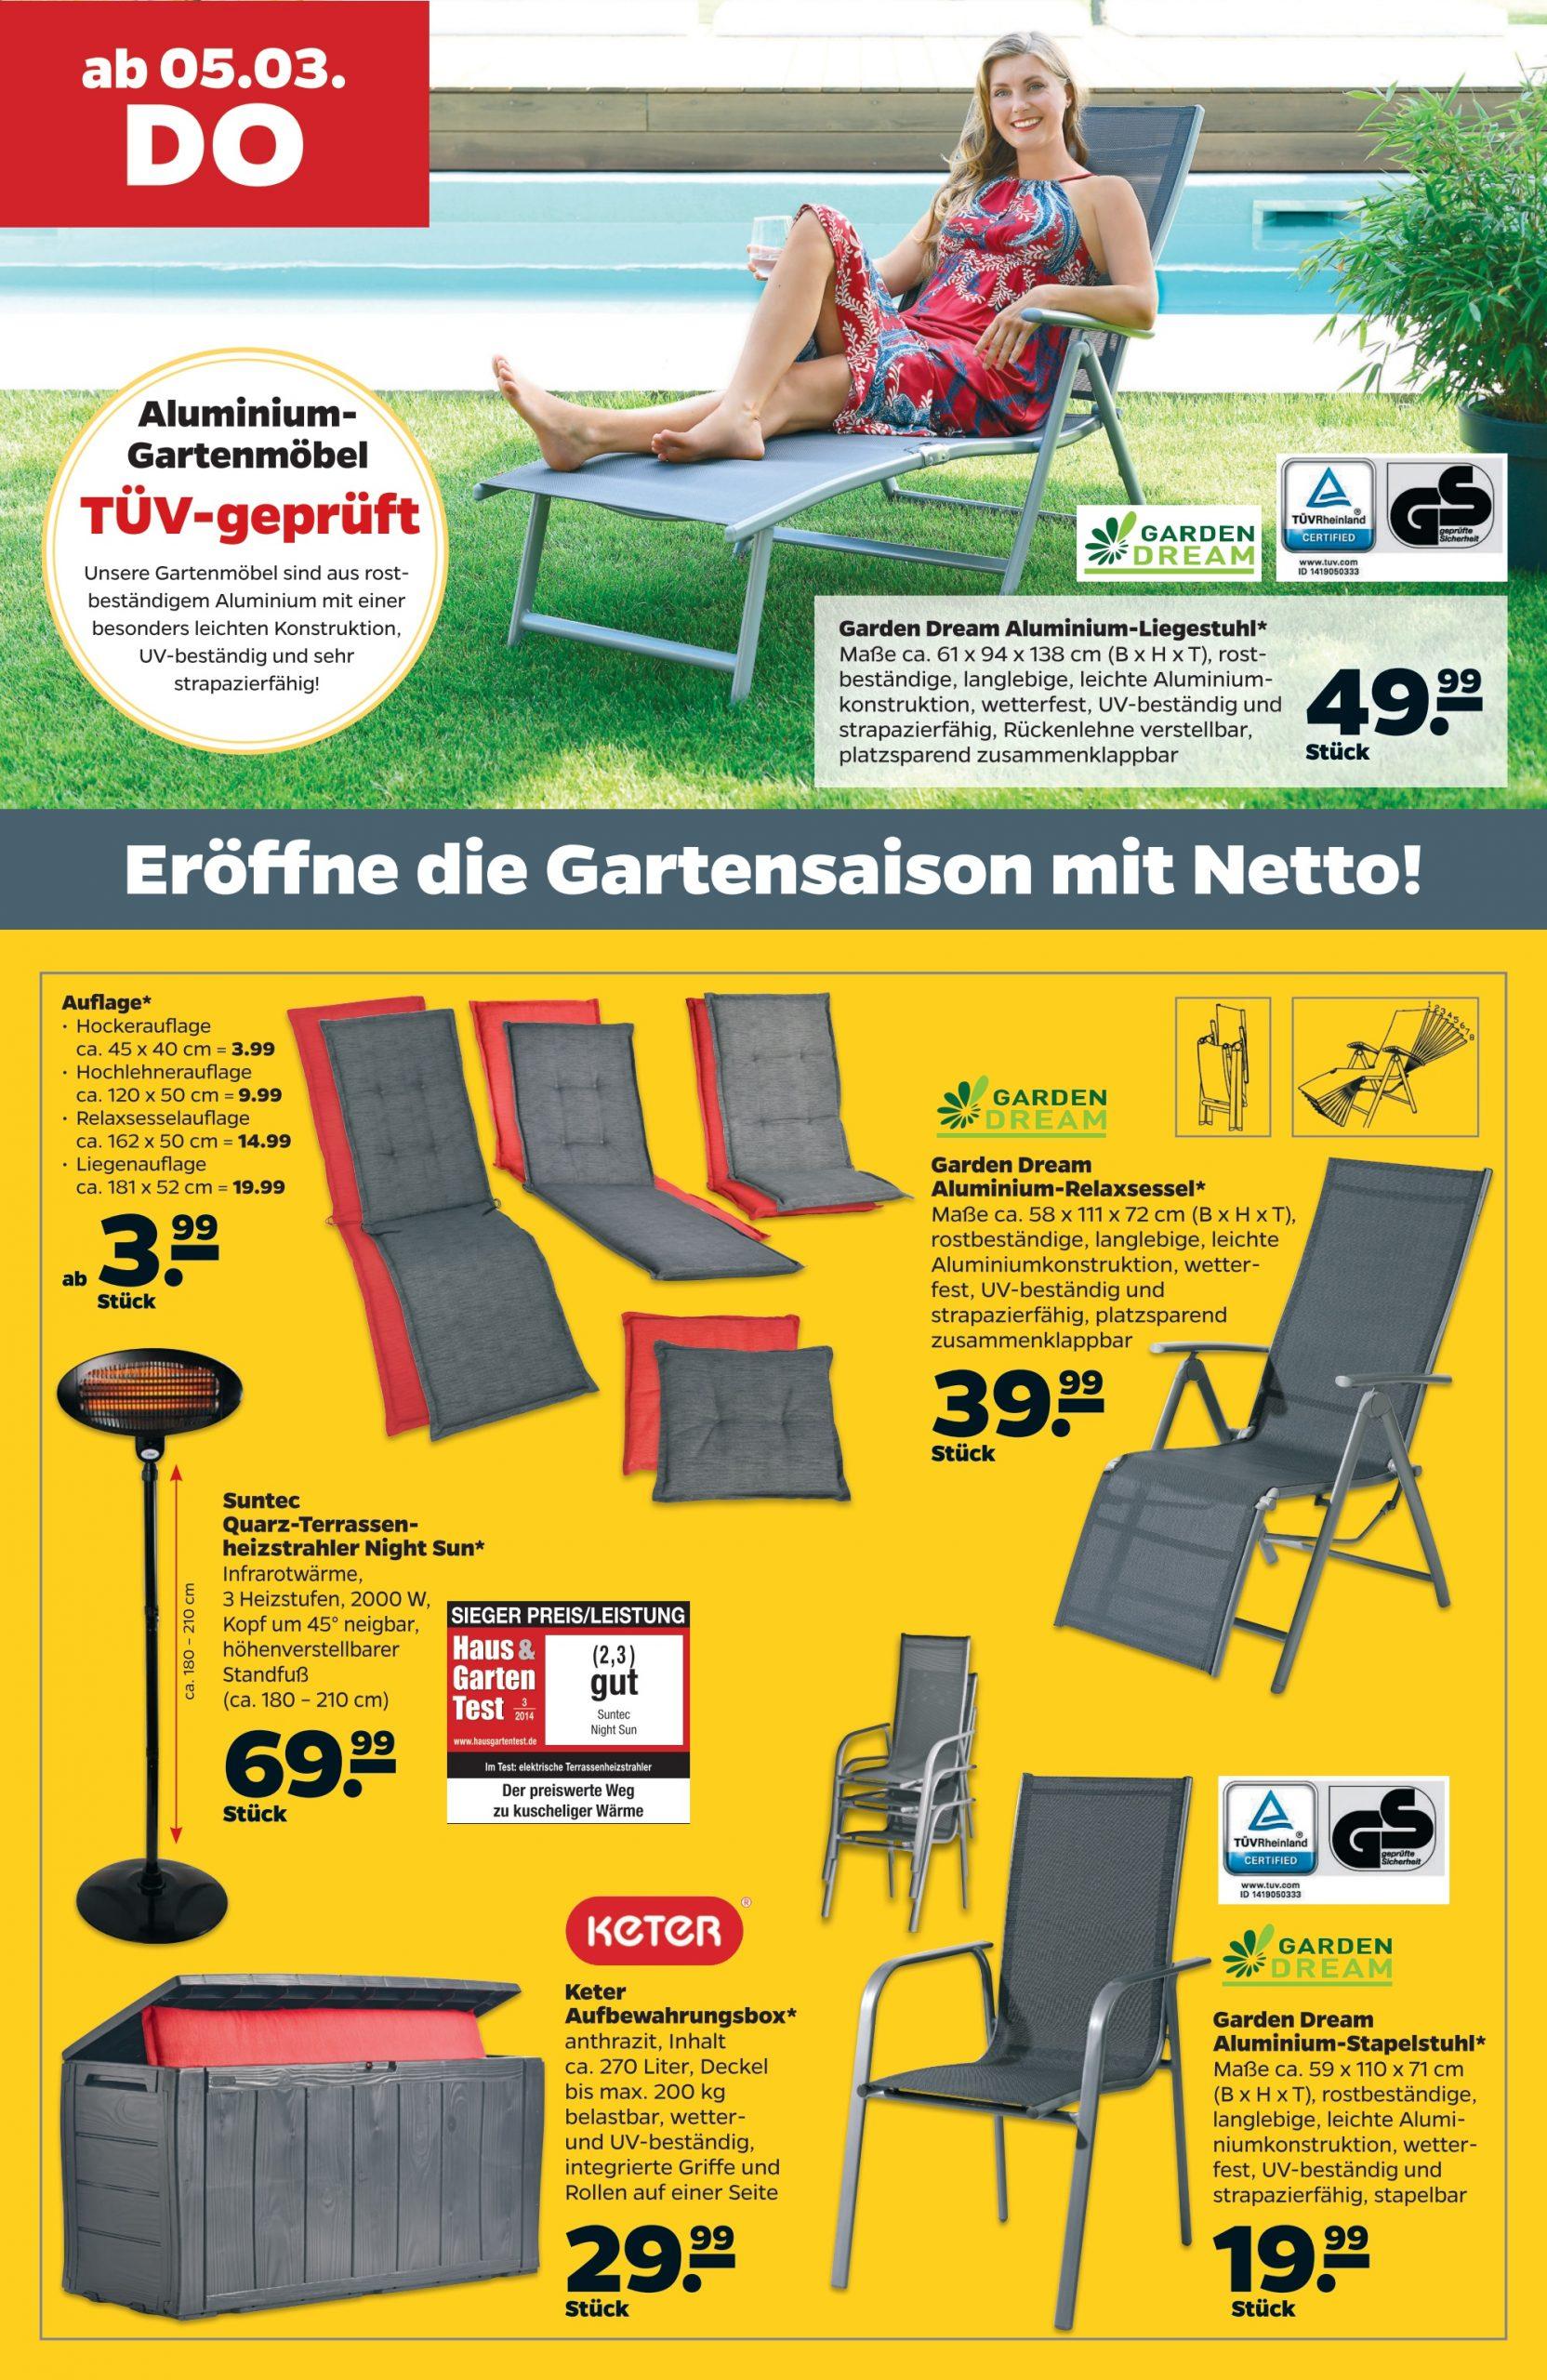 Full Size of Garden Dream Aluminium Liegestuhl Im Angebot Bei Netto Kupinode Garten Relaxsessel Aldi Wohnzimmer Liegestuhl Aldi